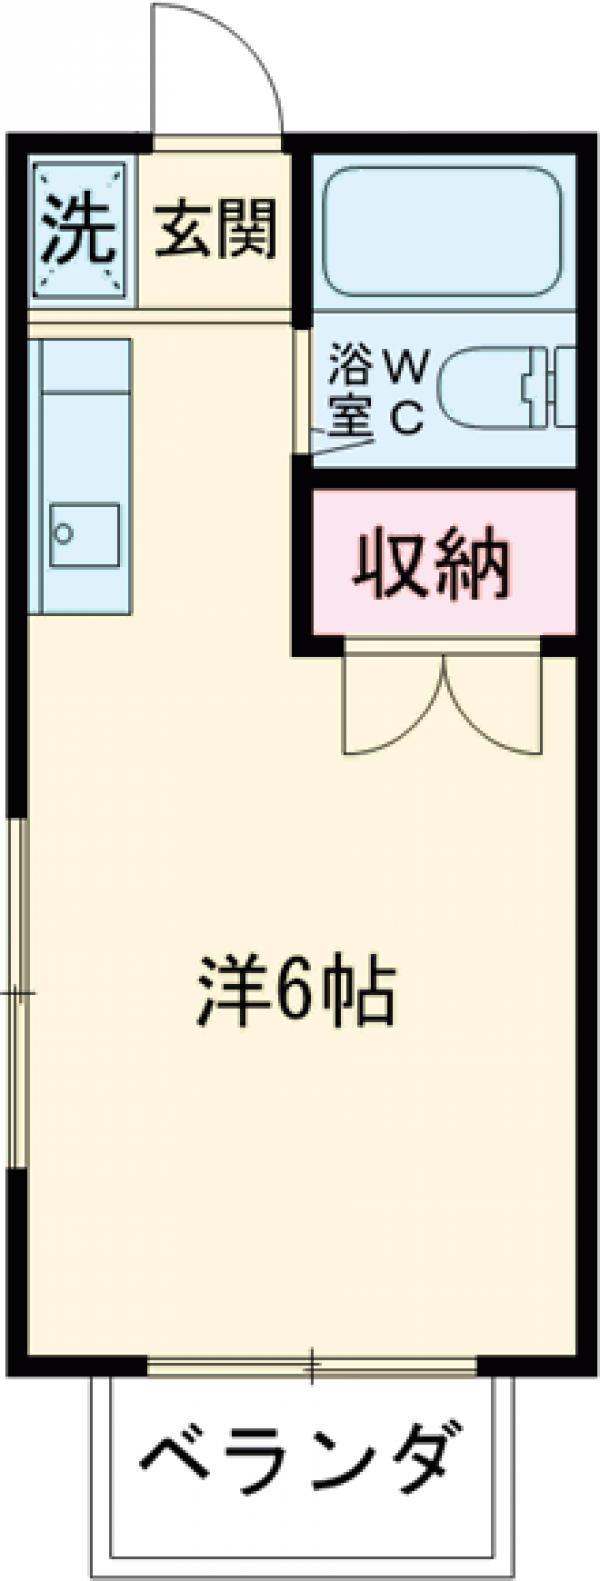 西坂ハウス・102号室の間取り